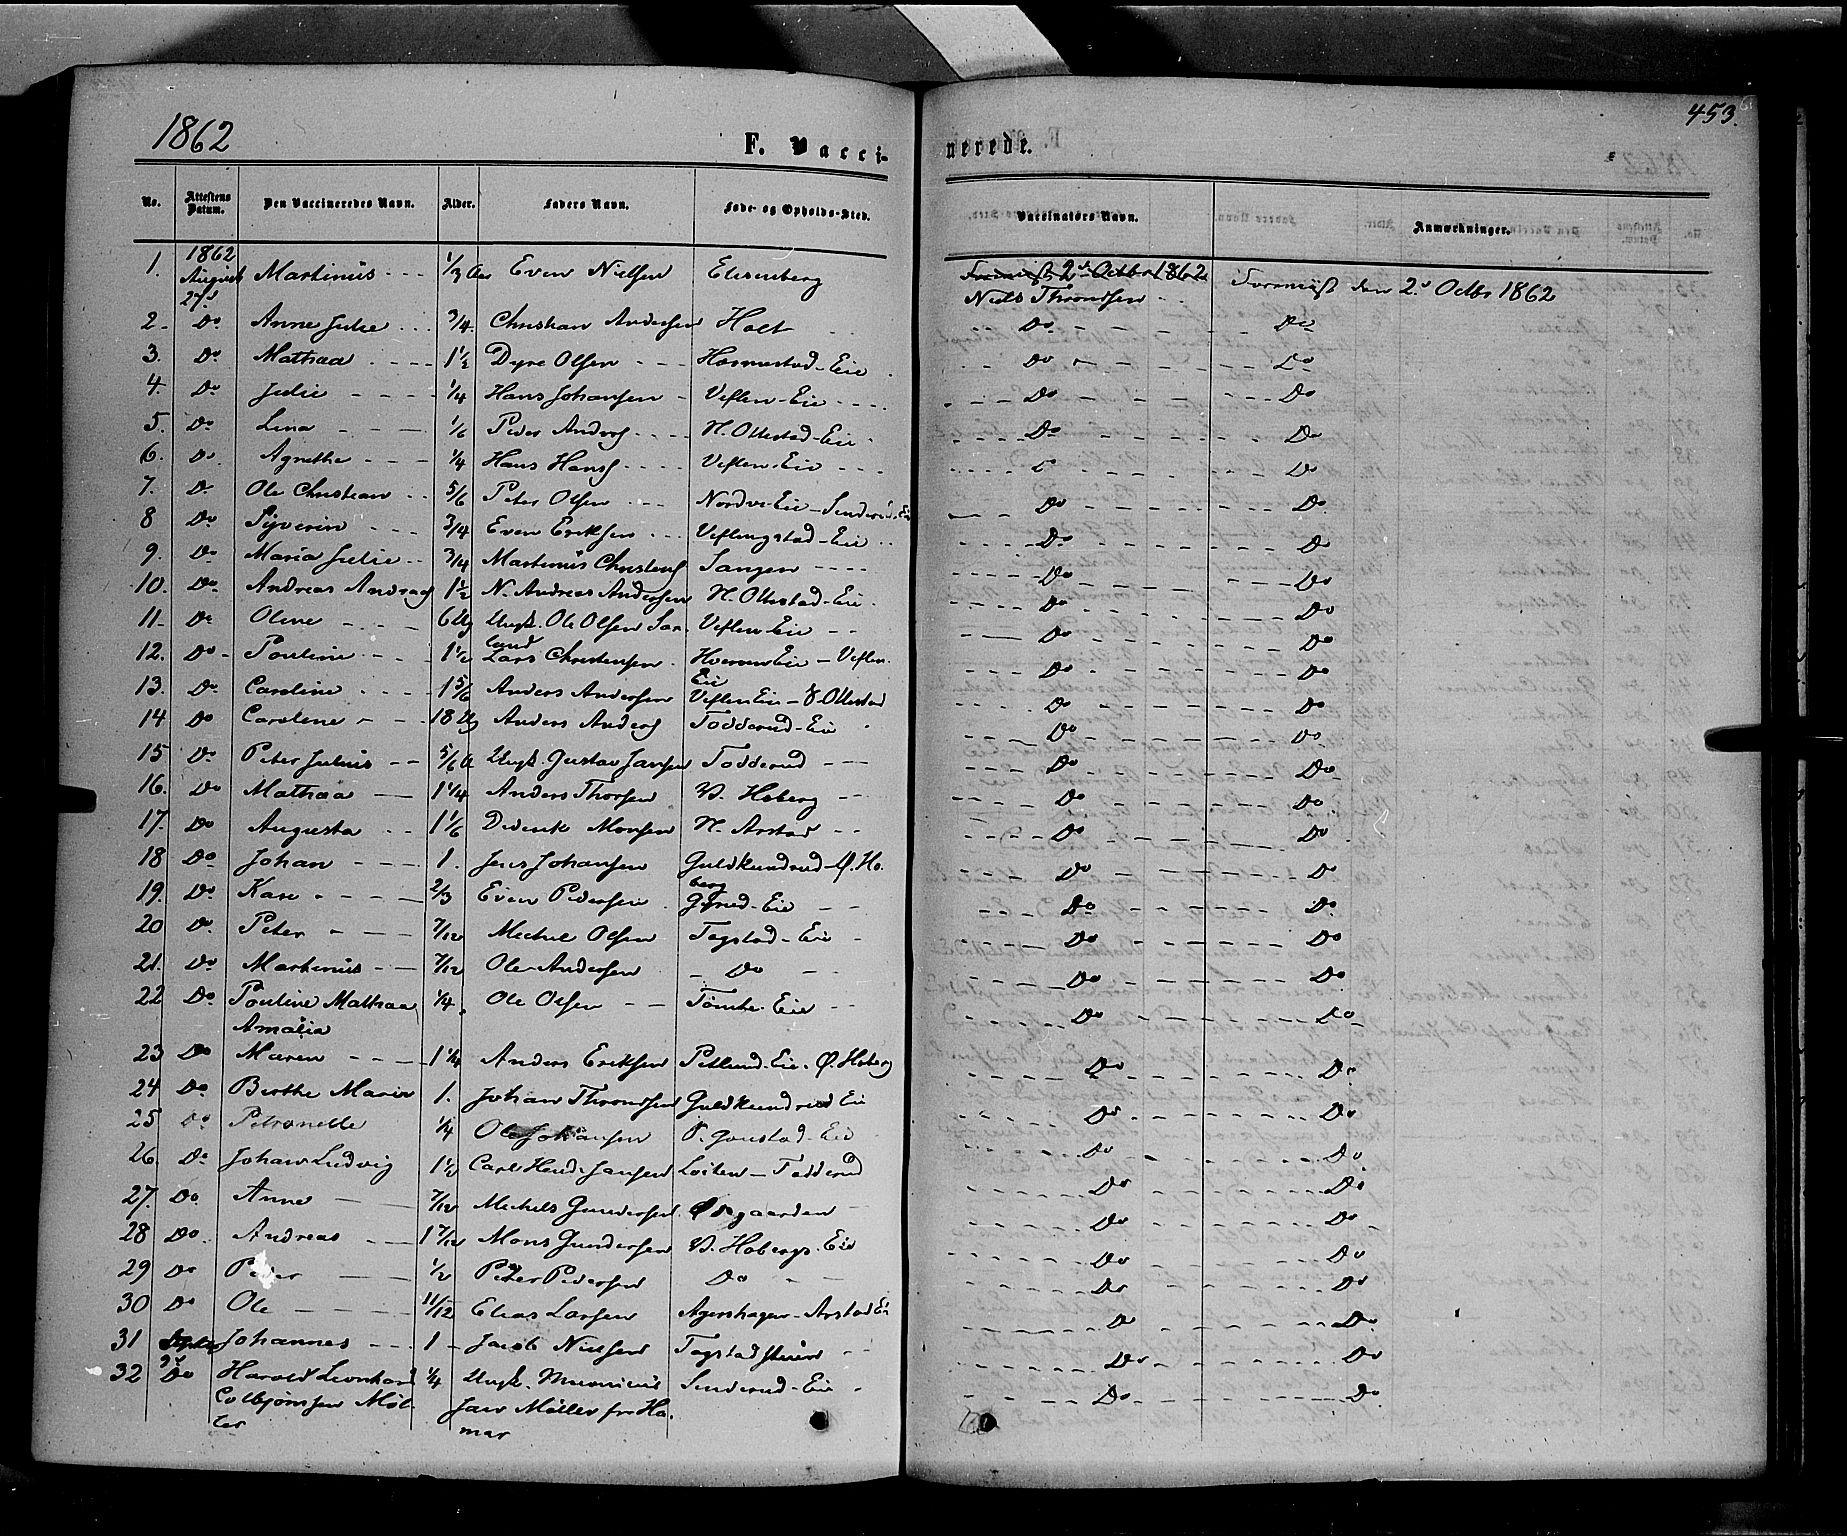 SAH, Stange prestekontor, K/L0013: Parish register (official) no. 13, 1862-1879, p. 453